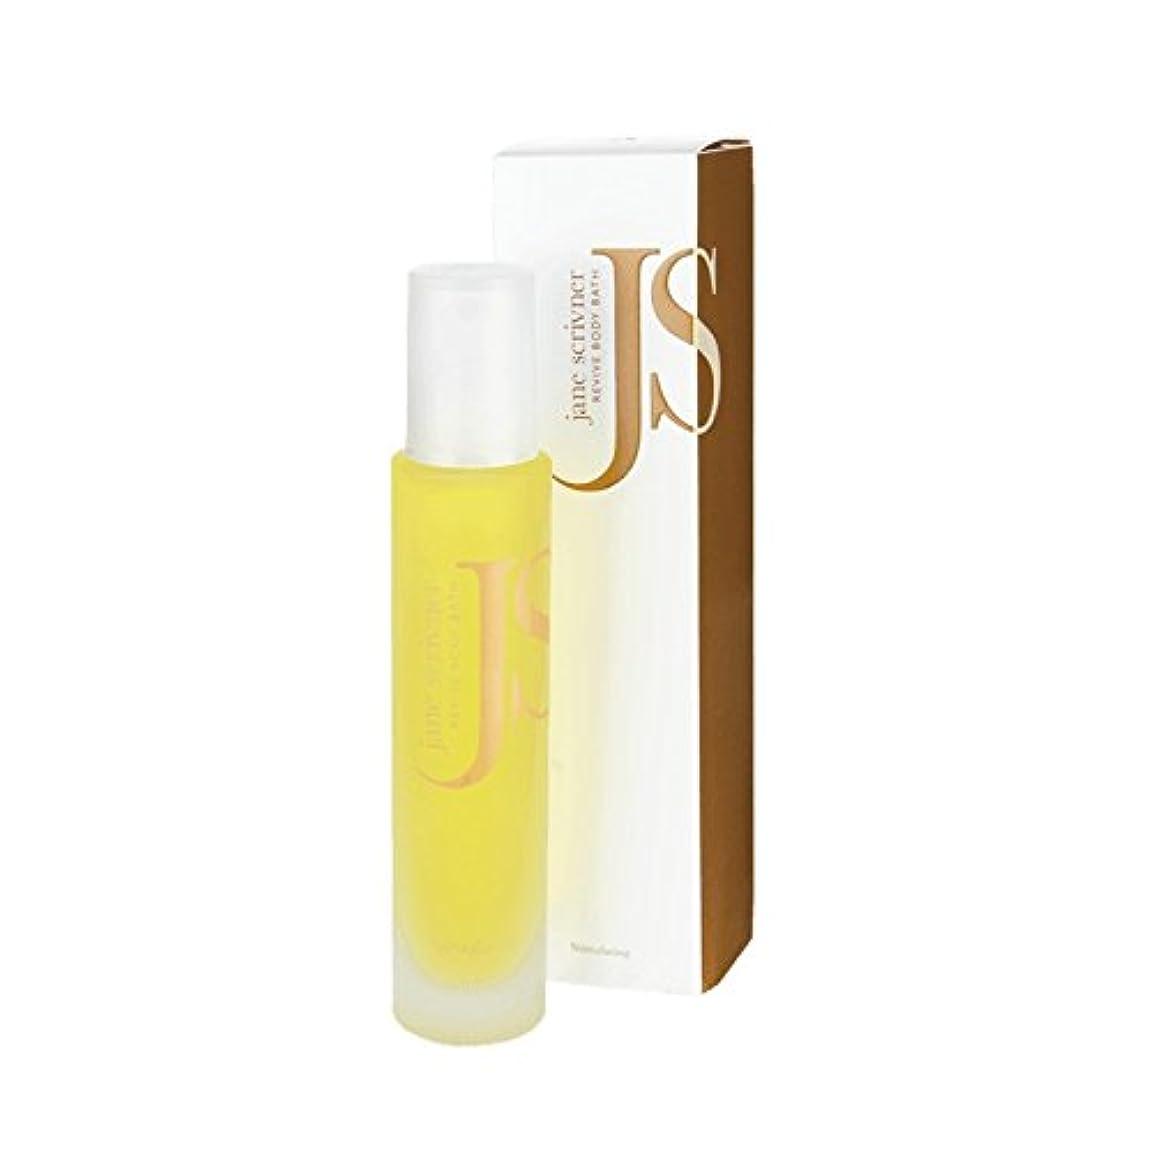 あまりにもマガジン覆すJane Scrivner Body Bath Oil Revive 100ml (Pack of 2) - ジェーンScrivnerボディバスオイル100ミリリットルを復活させます (x2) [並行輸入品]